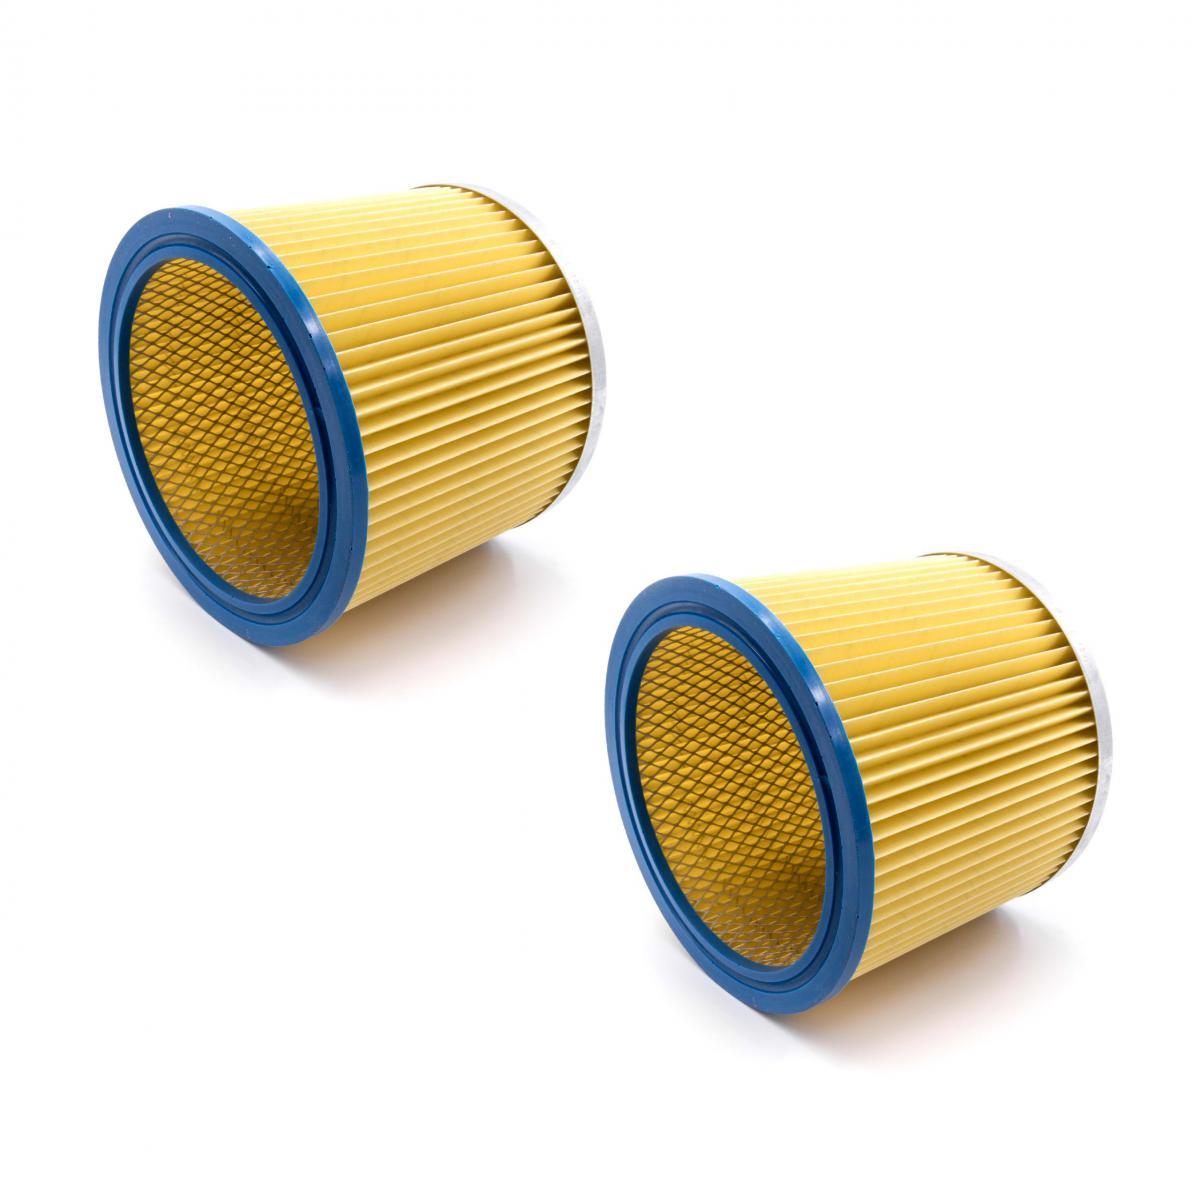 Vhbw vhbw® 2x Filtre rond / filtre en lamelles pour aspirateur, robot, aspirateur multifonctions Kärcher NT 221, NT221